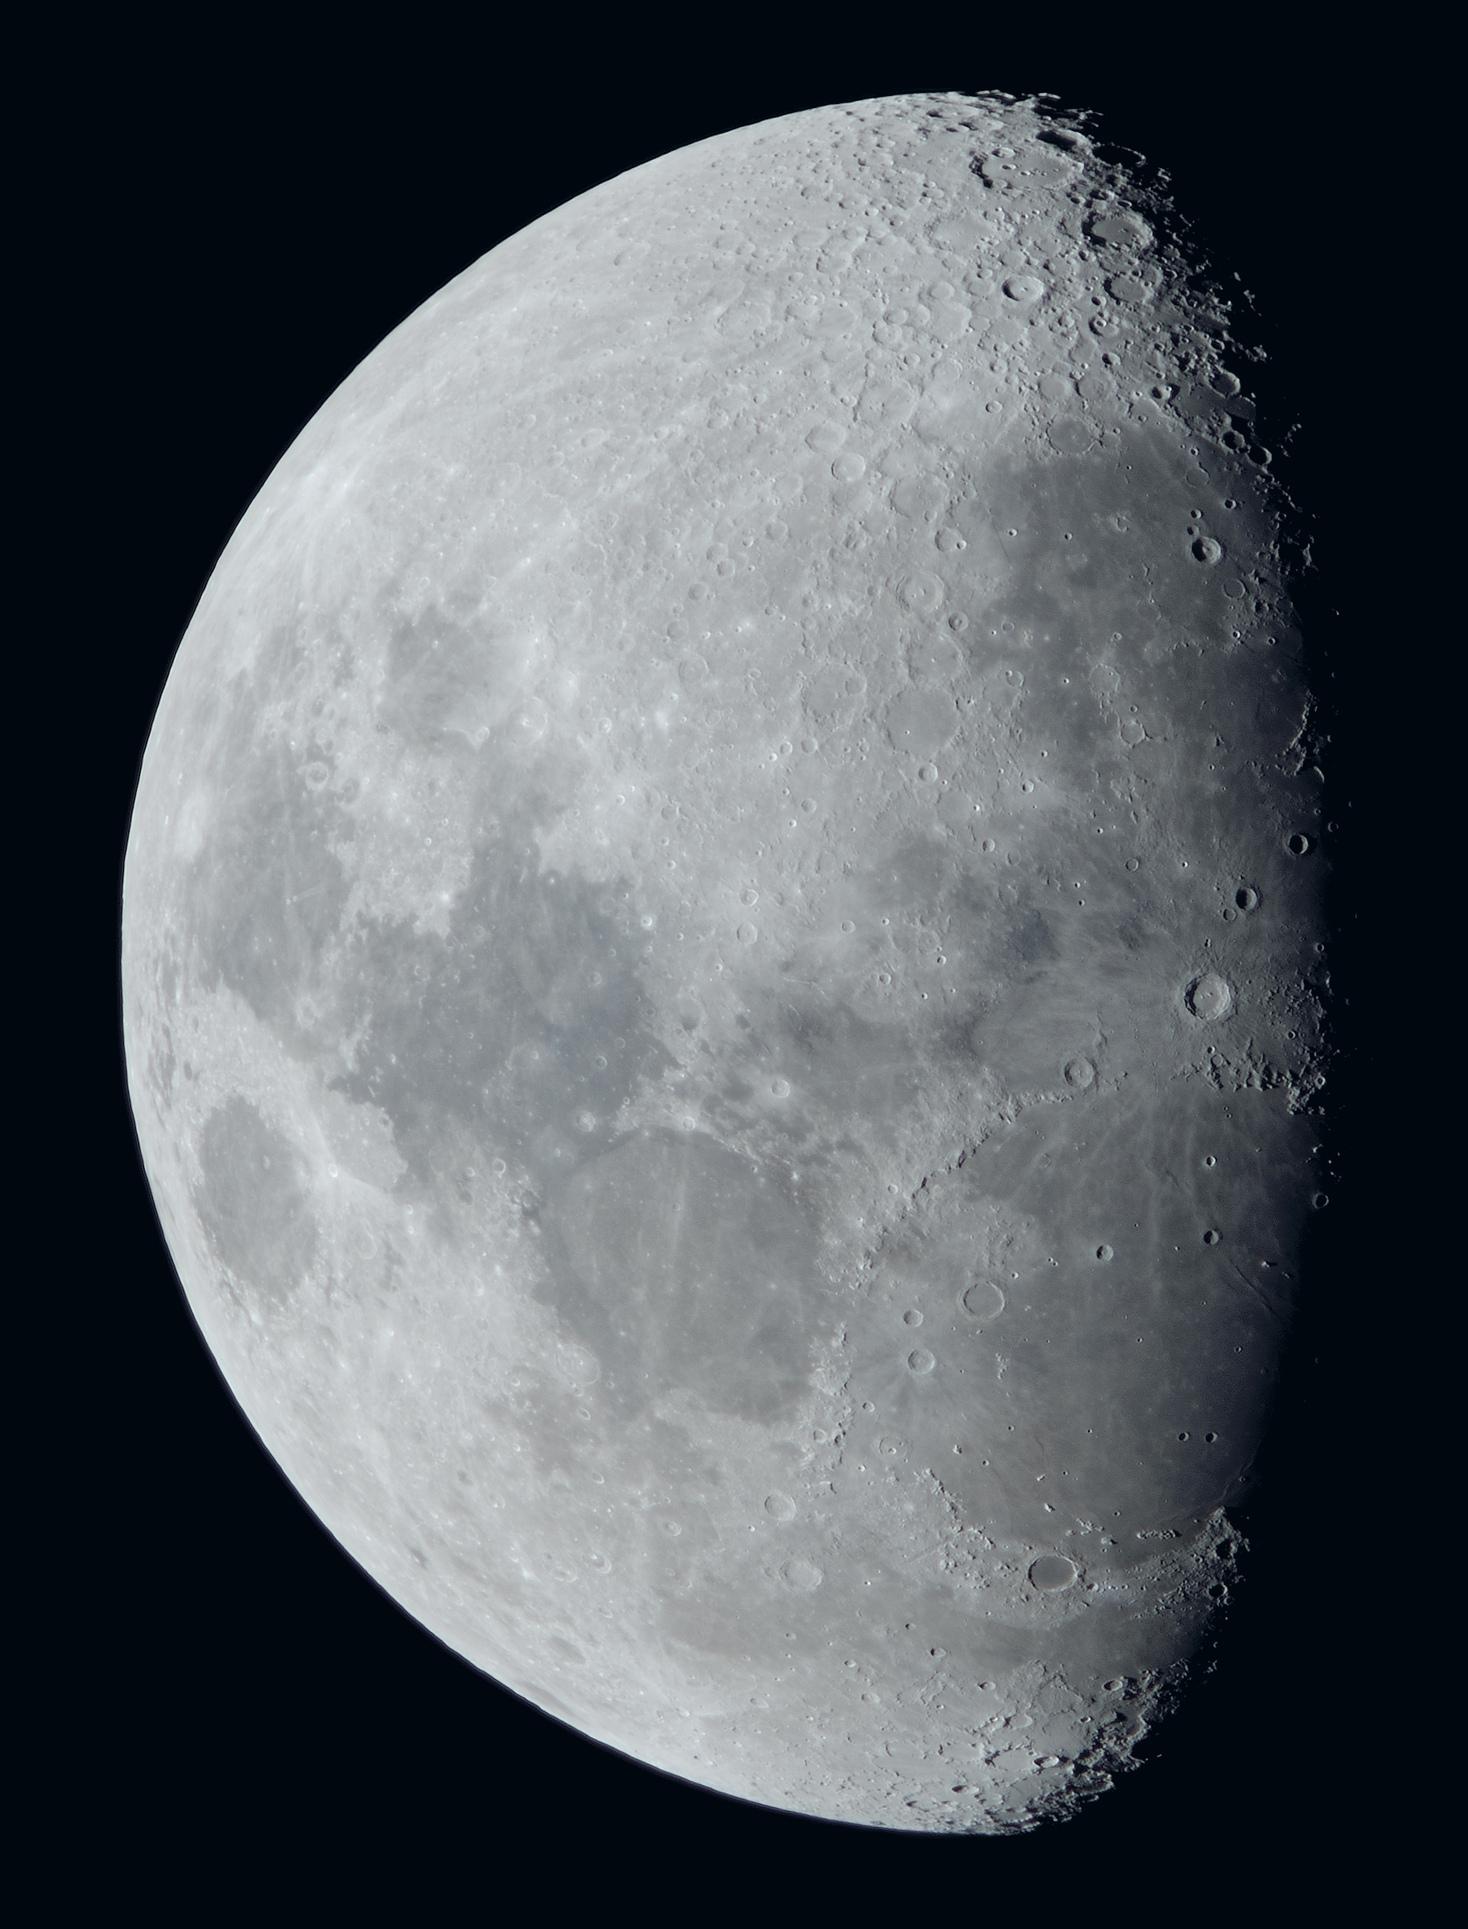 La lune du 26 Janvier au zoom Sigma 120/300 et Nikon D810, à 1200mm de focale